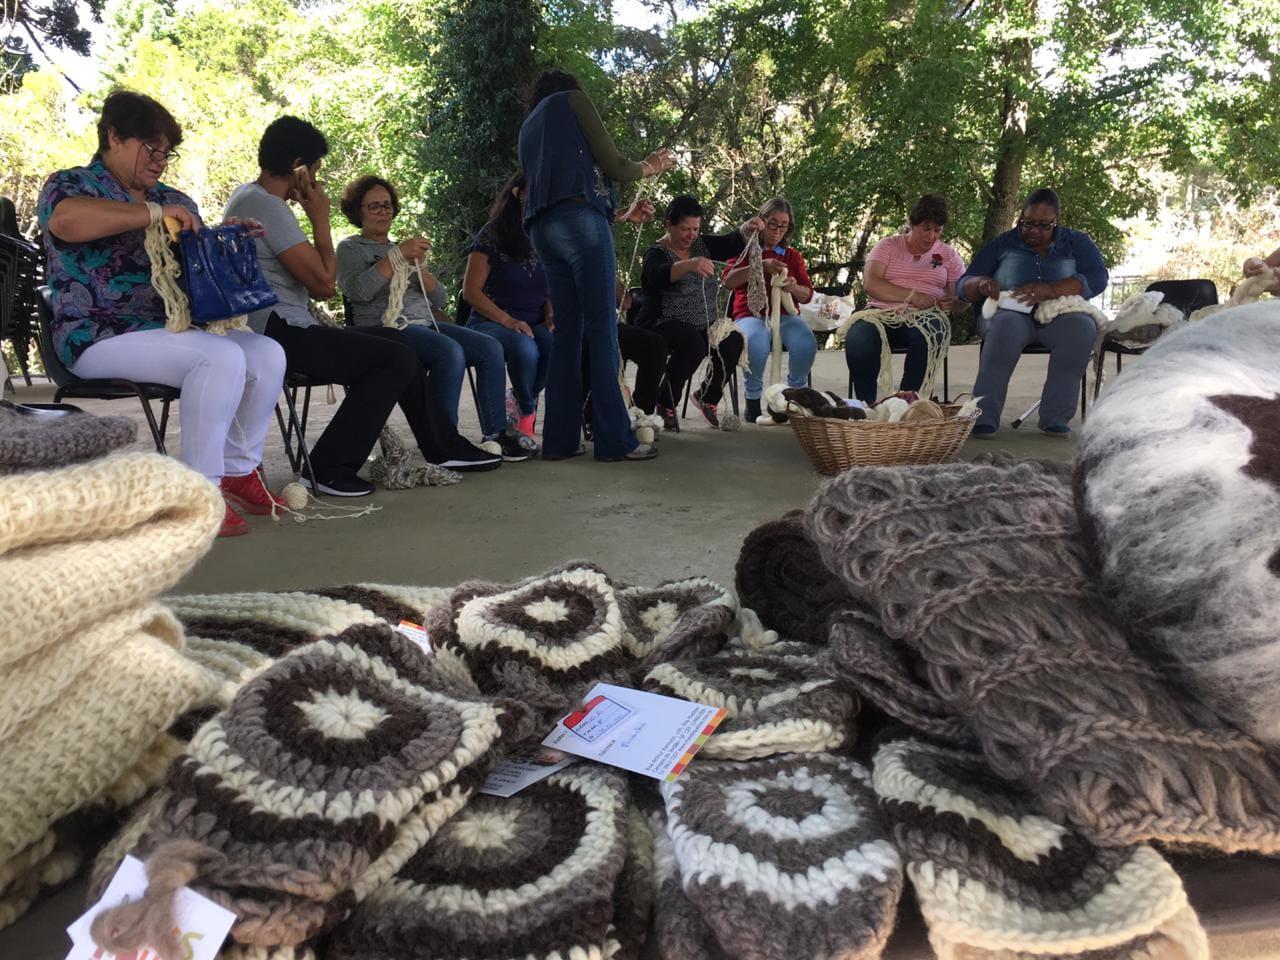 Um grupo de mulheres está sentado em cadeiras que formam um semicírculo. Elas estão com linha e agulhas na mão tricotando, enquanto uma mulher esta me pé mostrando detalhes de como se trabalha com a lã.